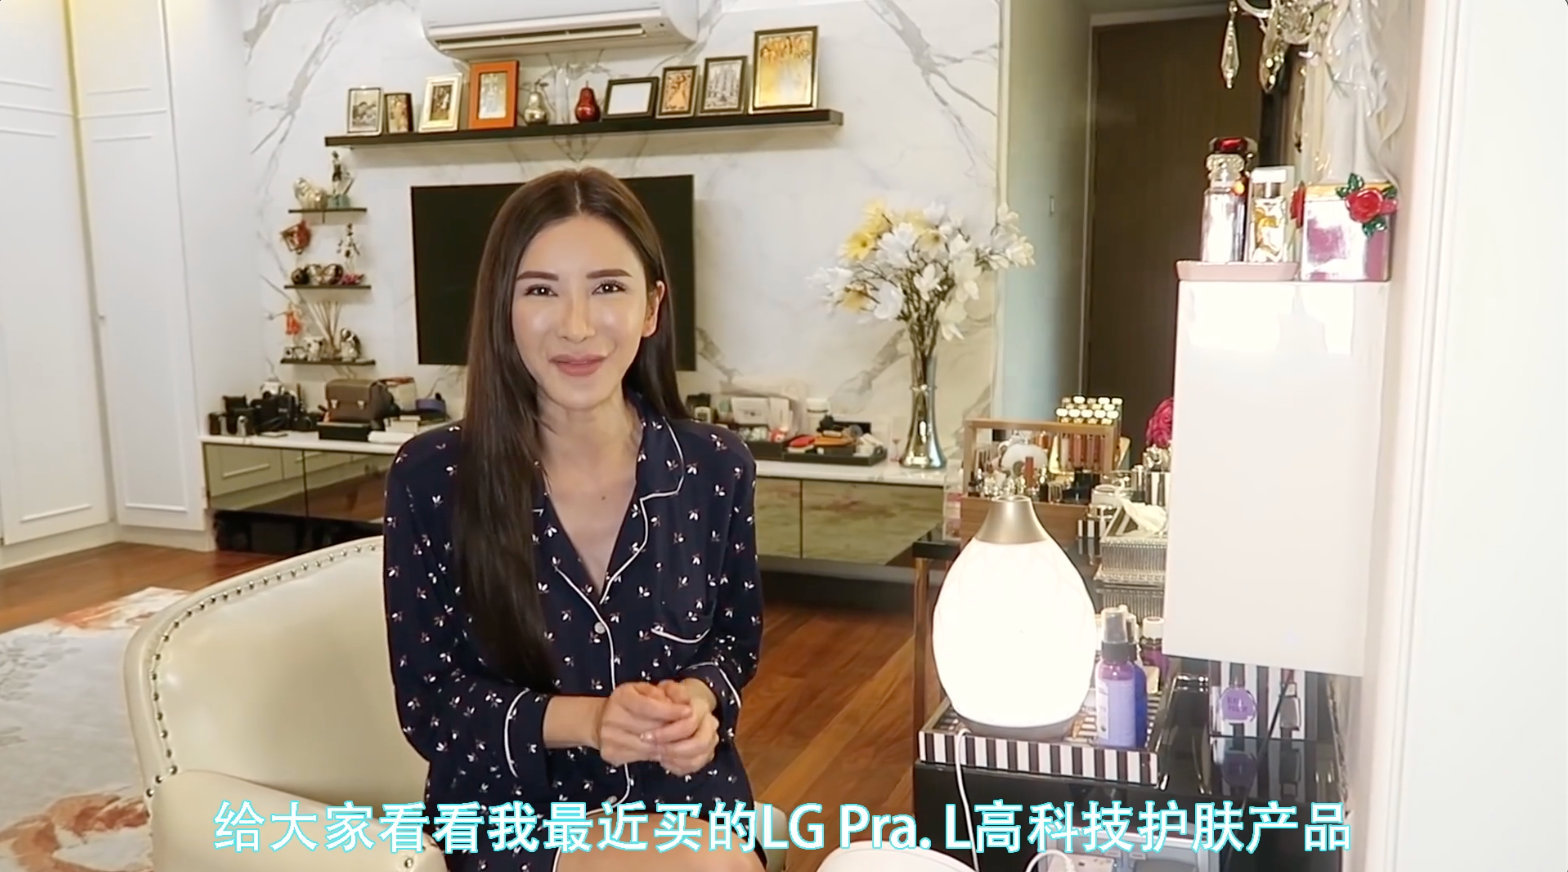 新加坡名媛Jamie Chua分享夜间护肤流程 | 参加完Dior秋冬预览活动